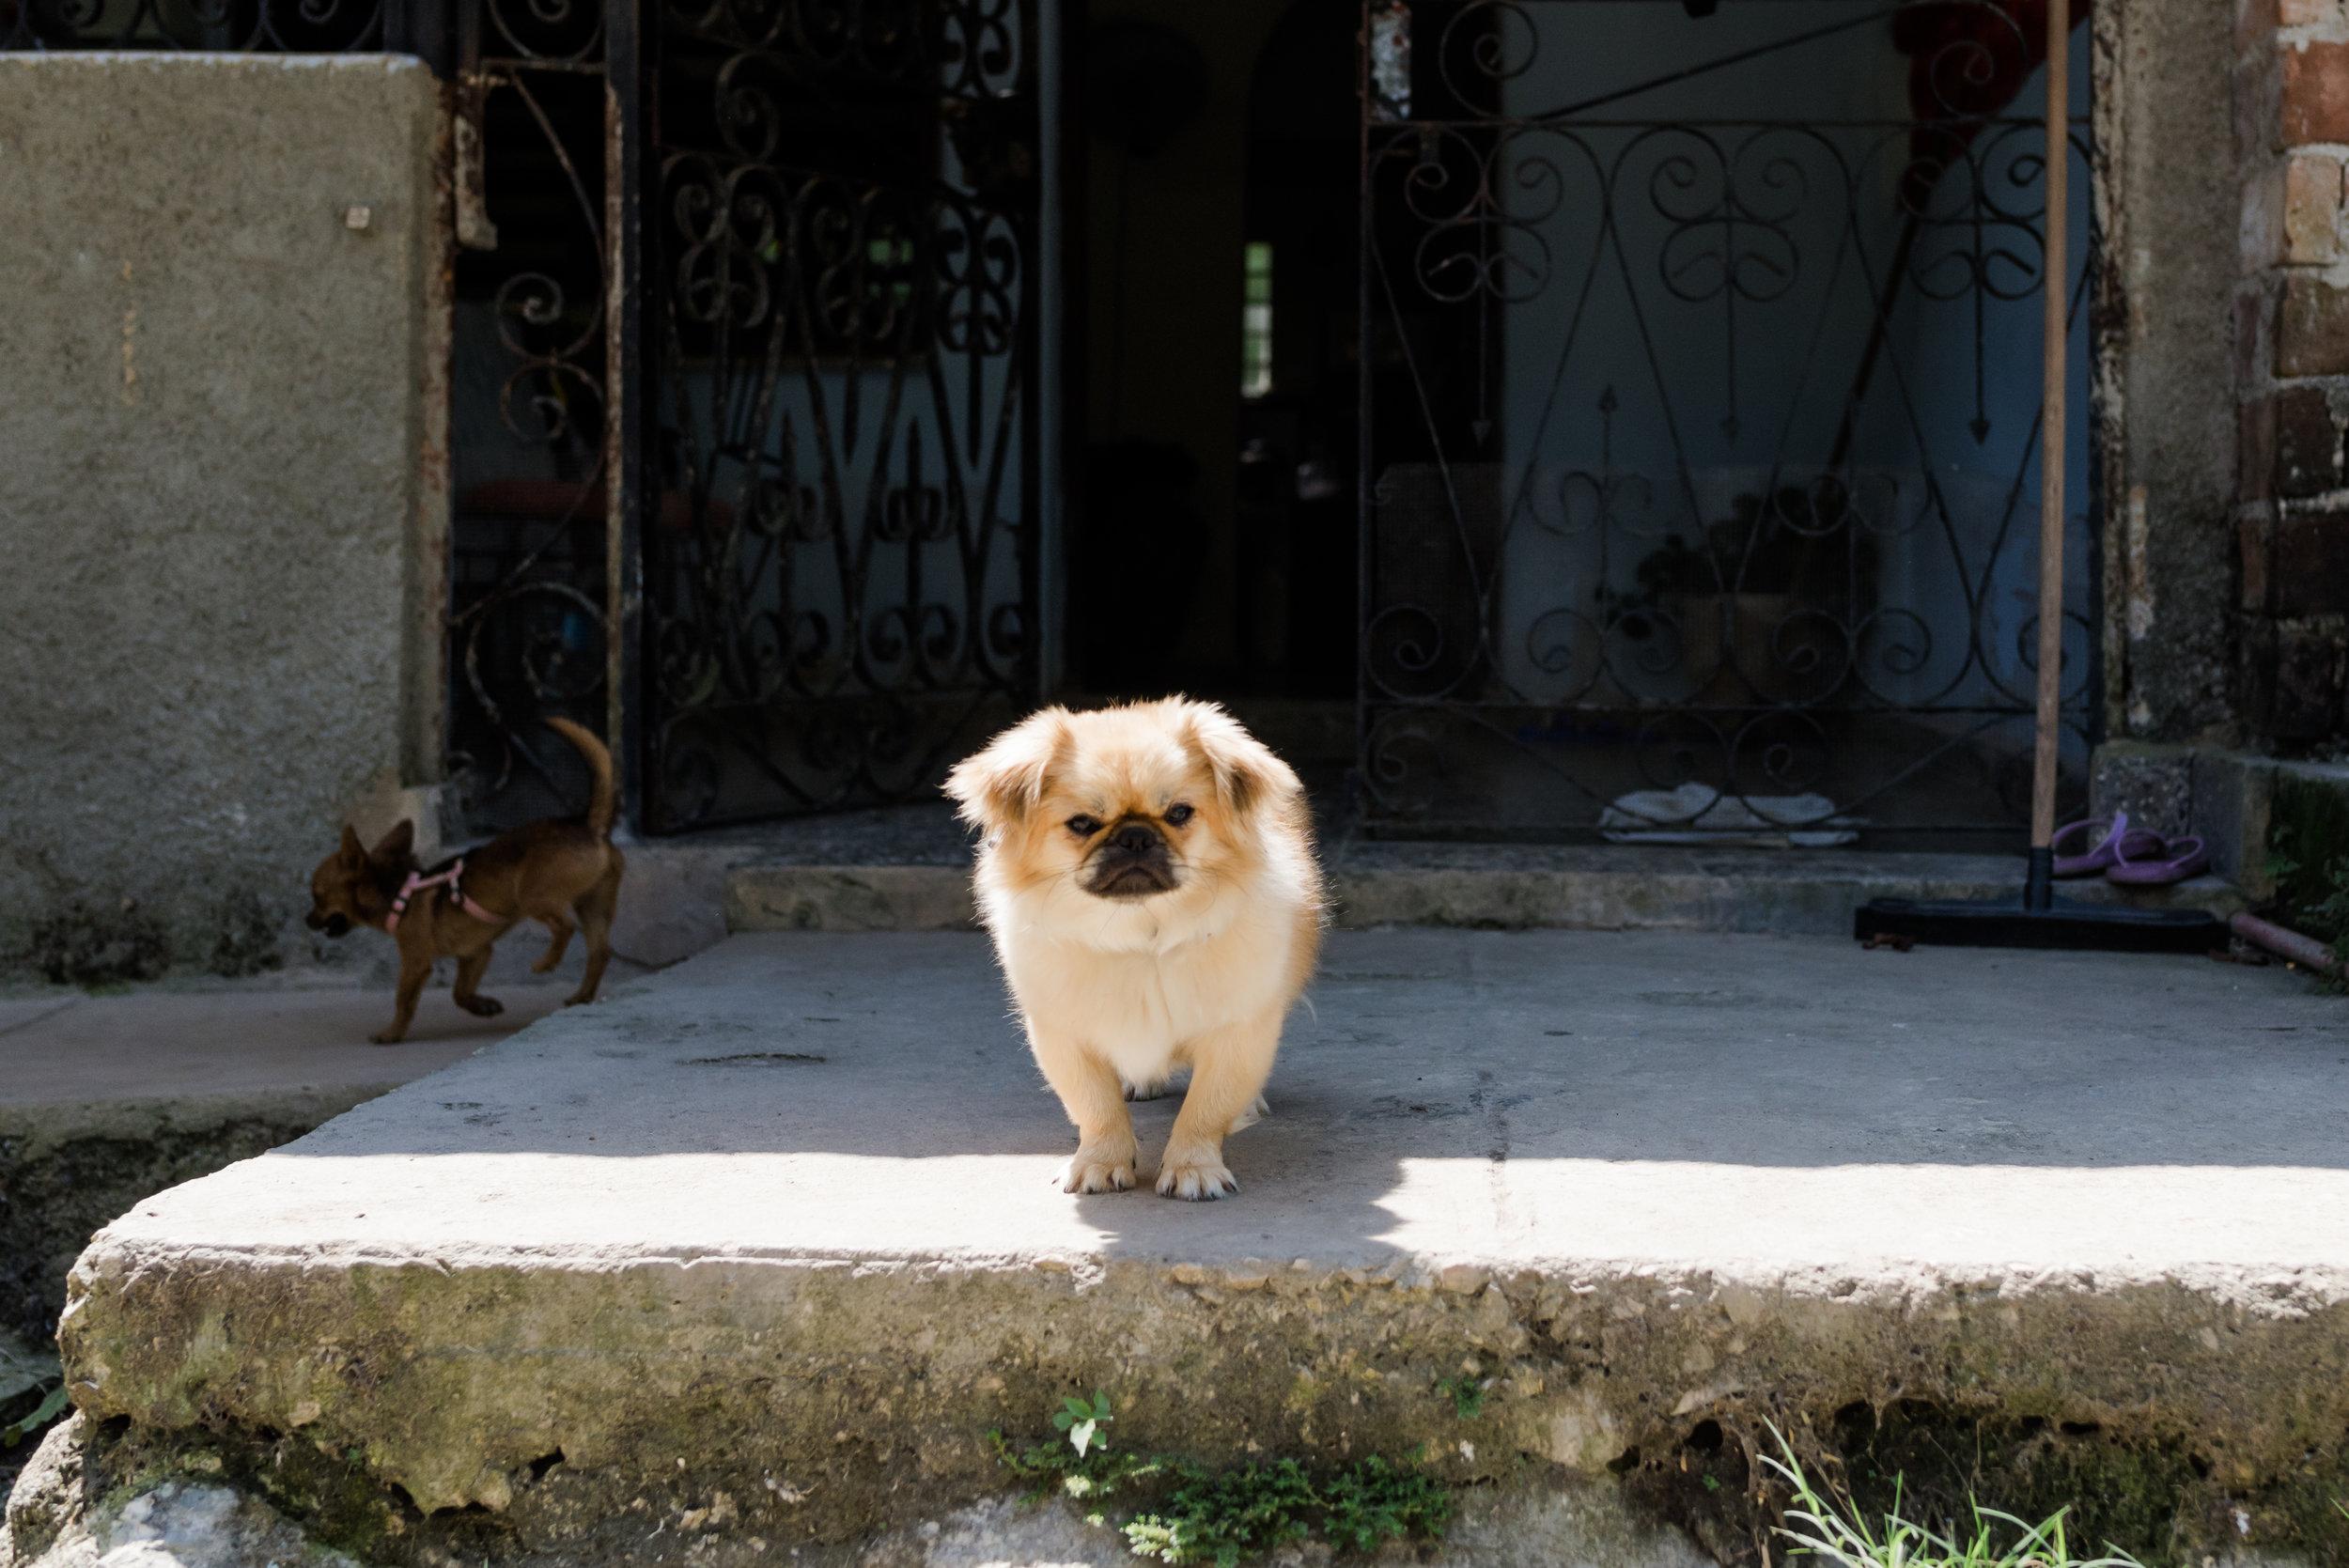 Cuba_dogs-120-20.jpg